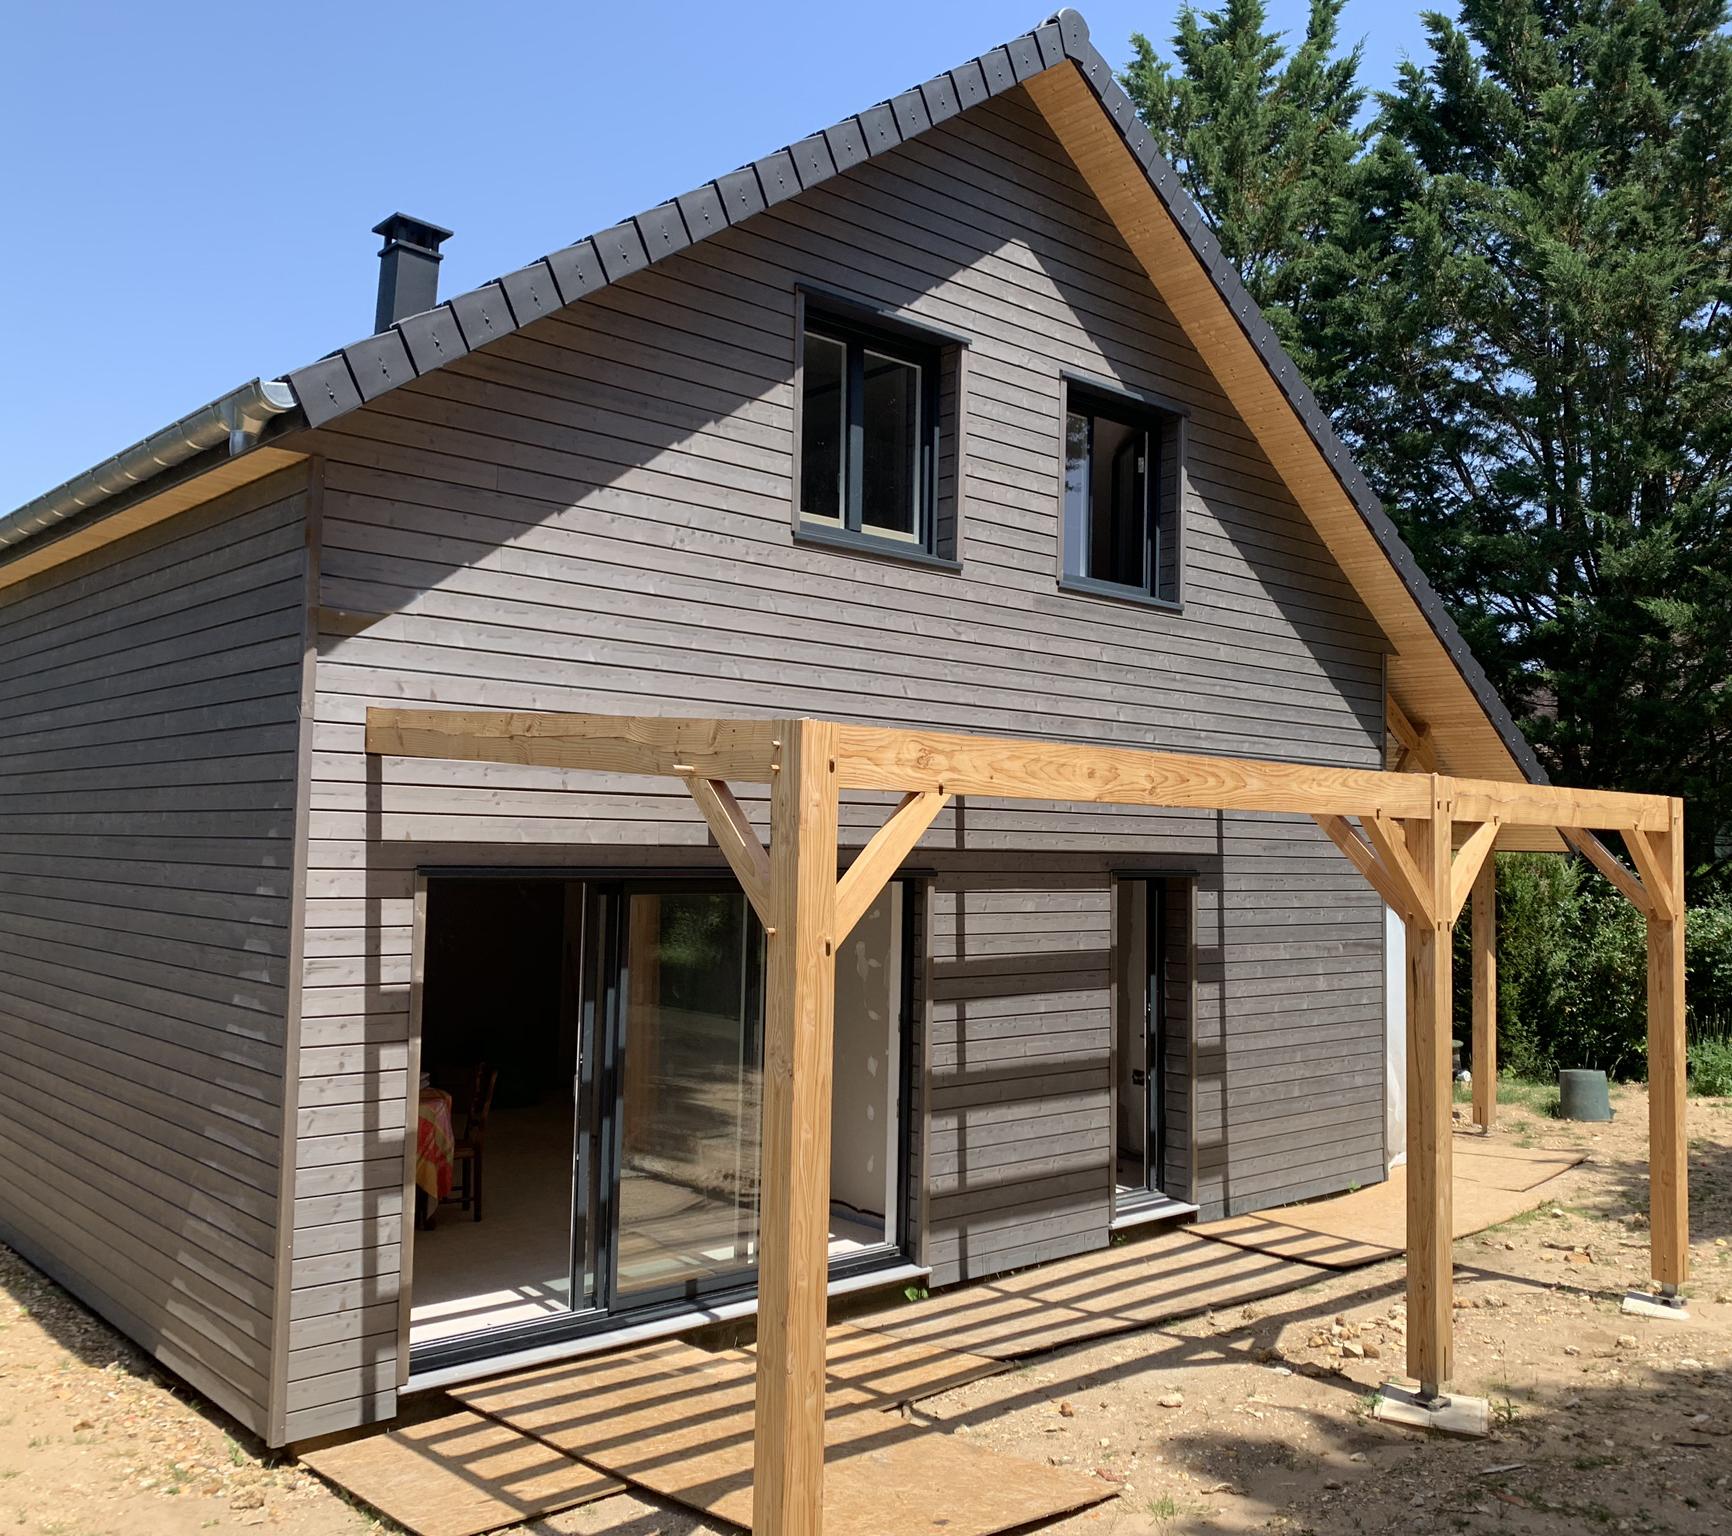 Maison En Bois Normandie habitat poulingue · construction de maison en bois en